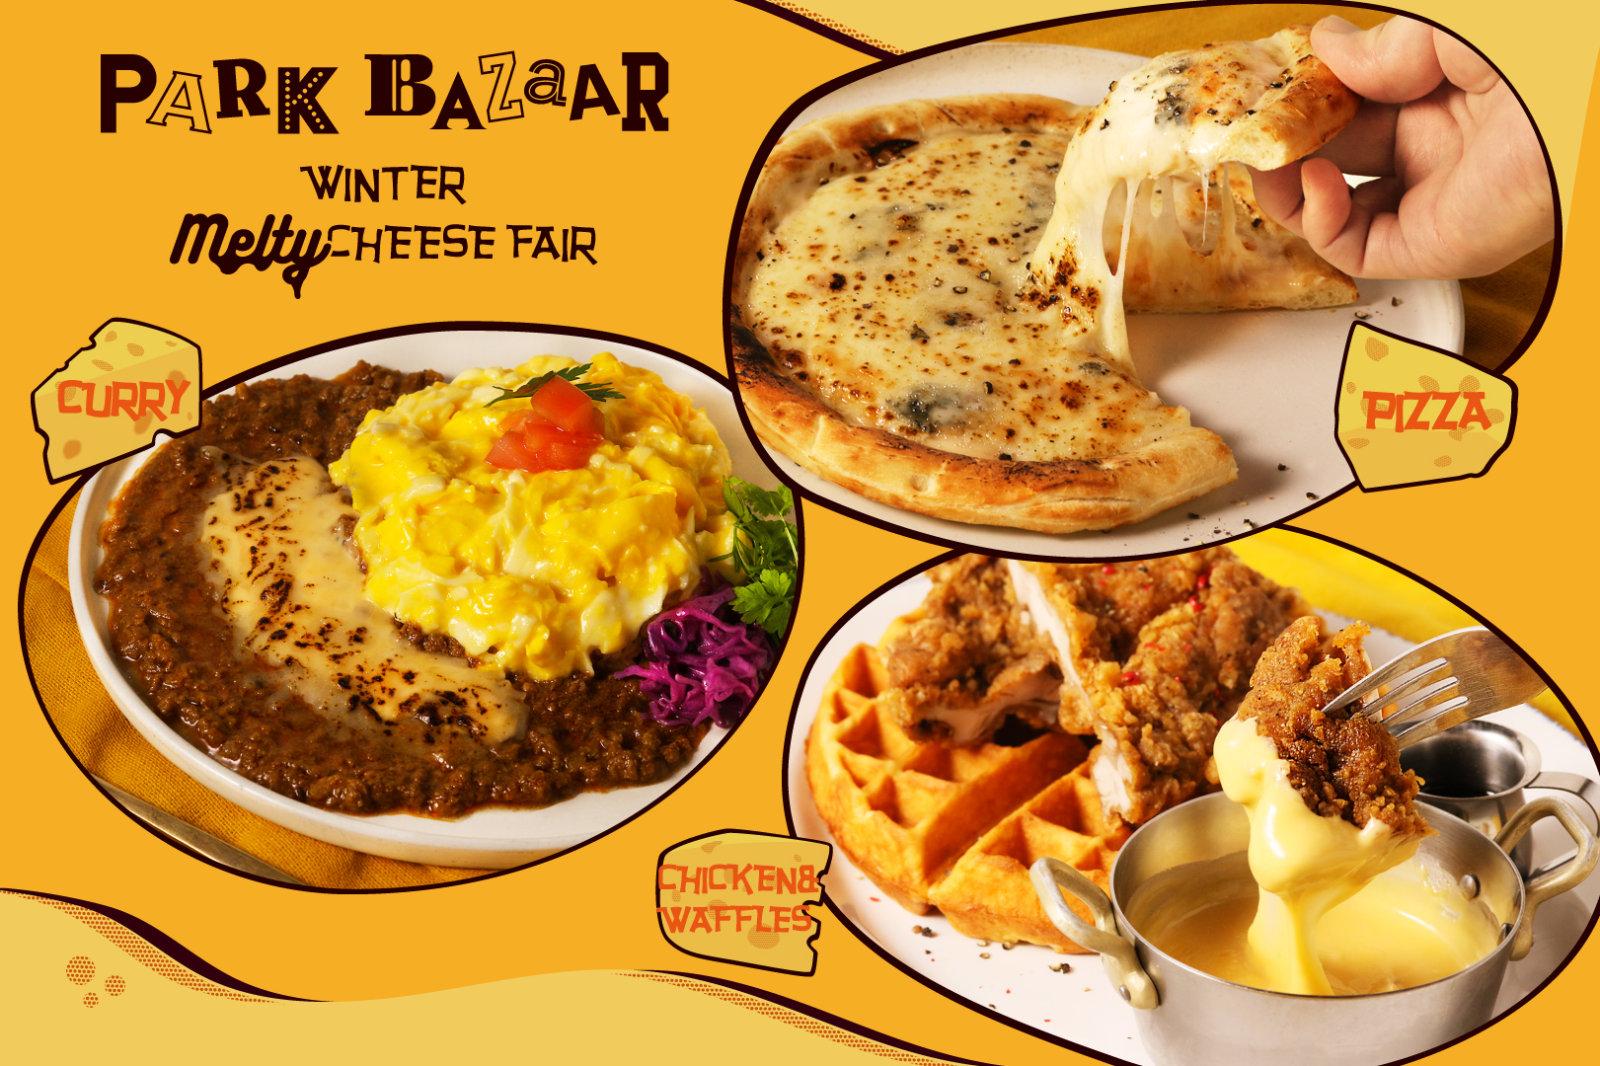 【冬季限定】チーズ好き集まれ!とろ〜りチーズにゾッコン。フードホール『PARK BAZAAR』チーズフェア、11/18(水)スタート!<br><br>/PARK BAZAAR